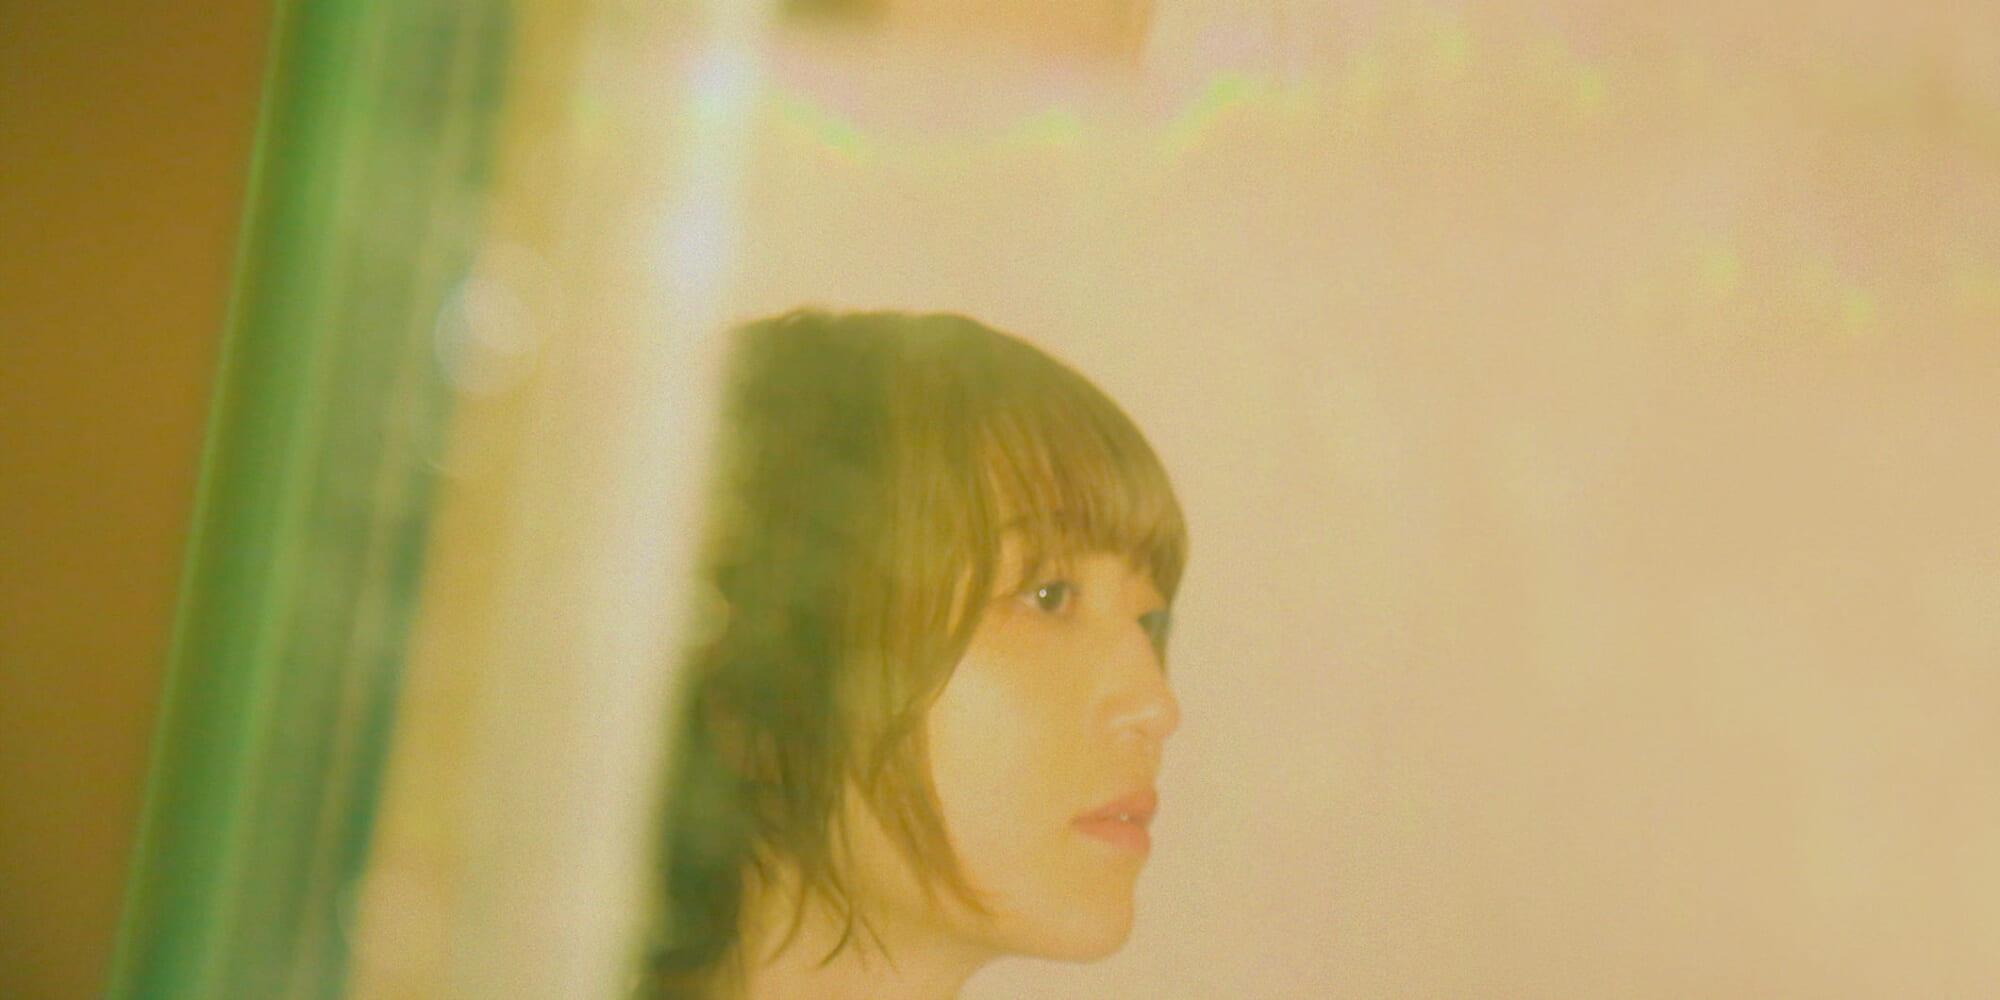 沙田瑞紀(ex.ねごと)の新プロジェクト=miida1stミニALをリリース